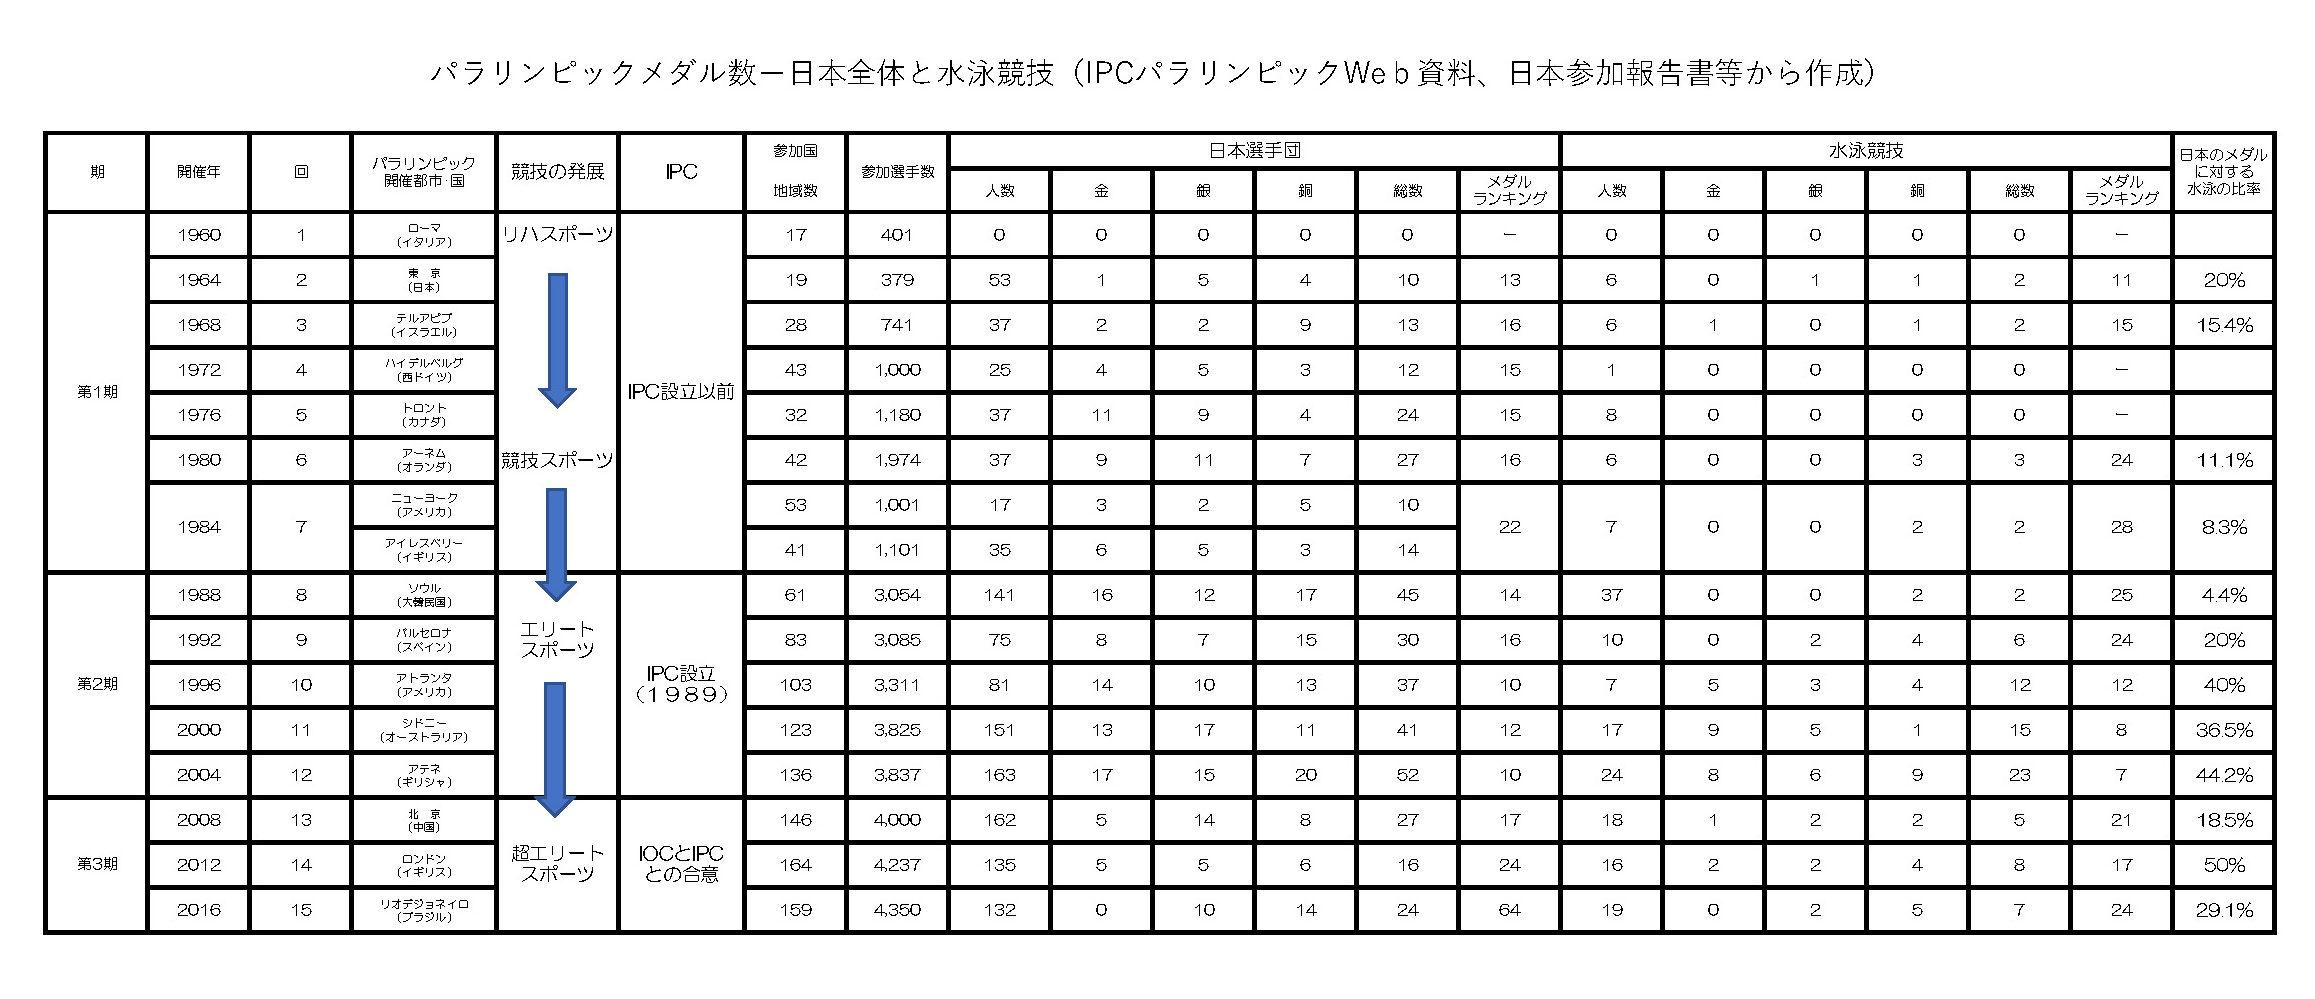 パラメダル日本及び水泳1回から